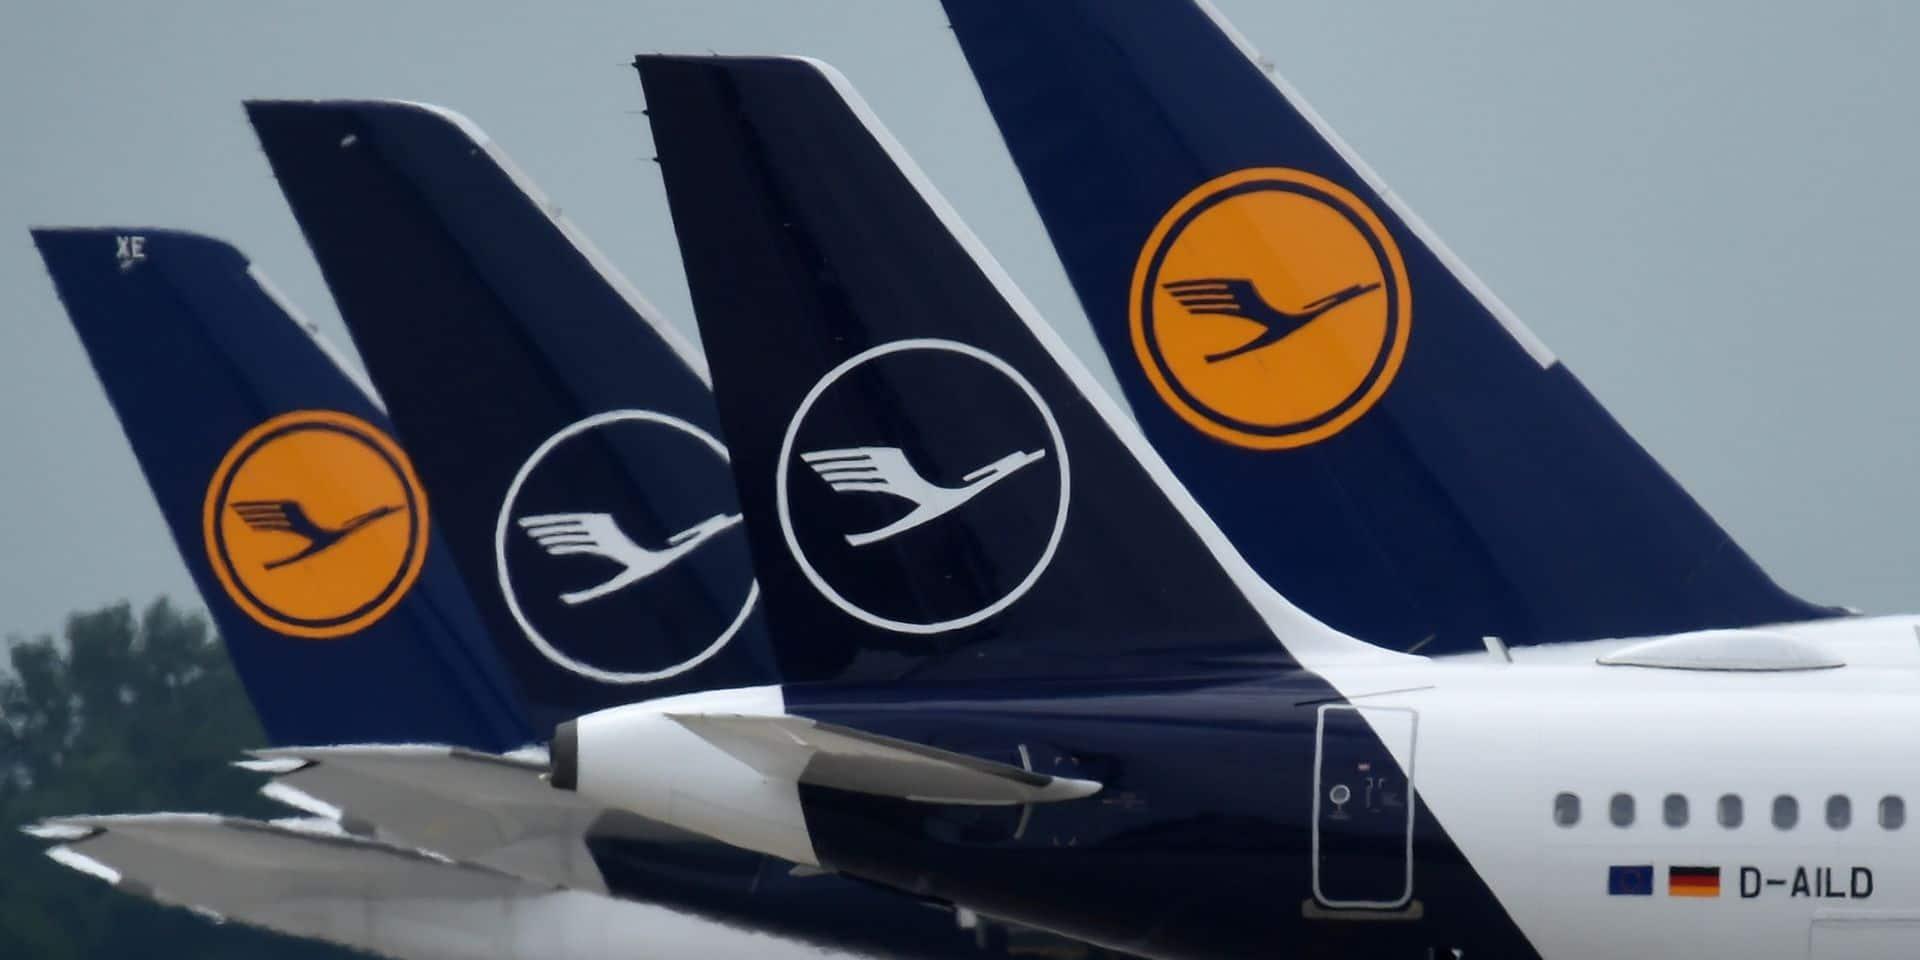 Des tests de dépistage rapide ? Le projet de Lufthansa pour sauver ses vols intercontinentaux